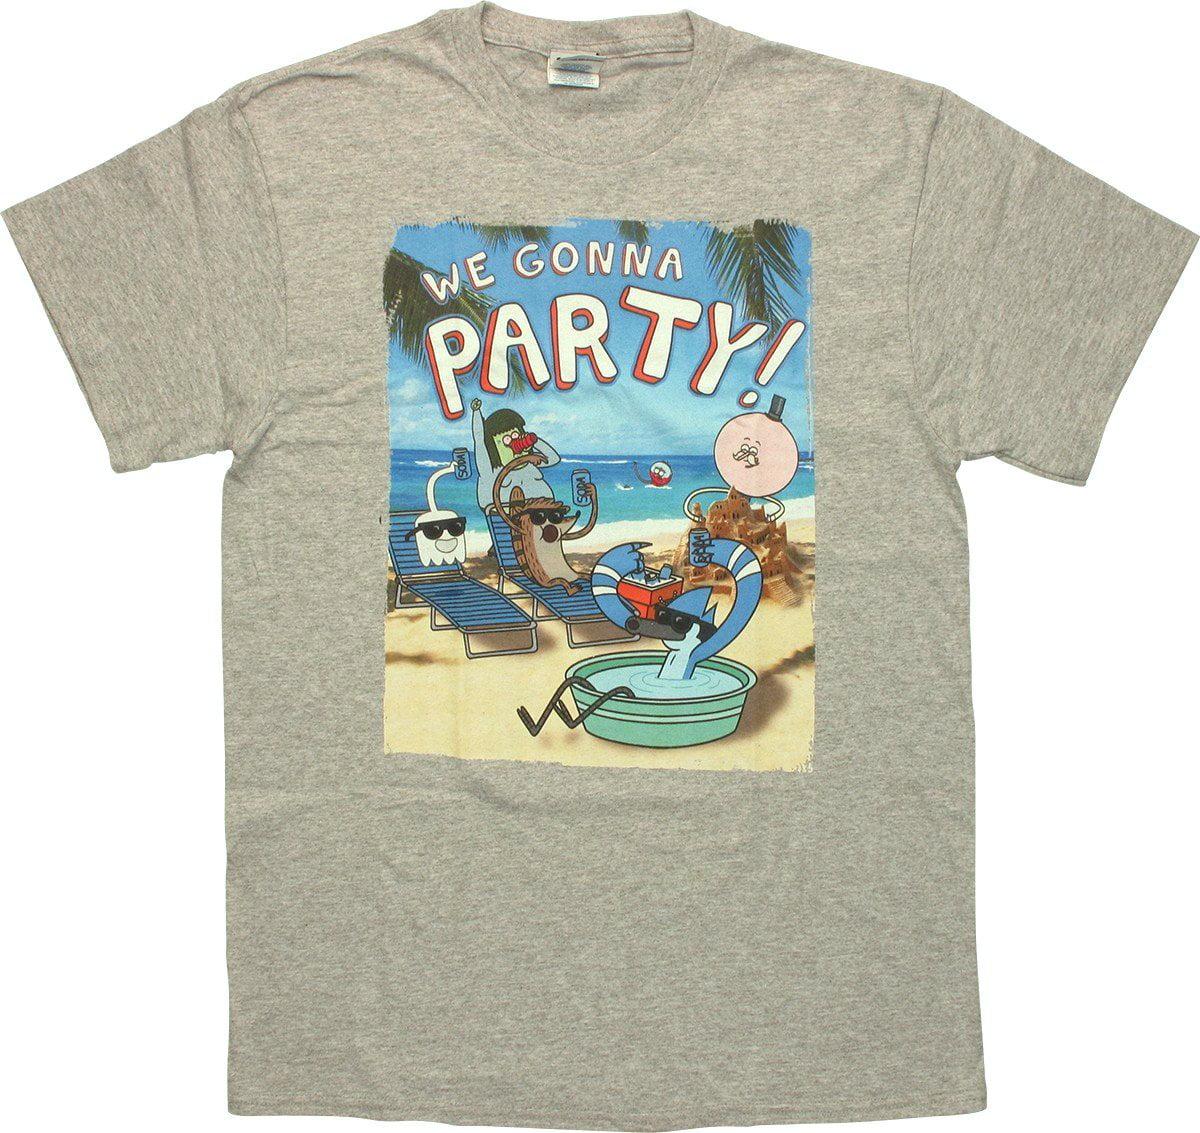 Regular Show Beach Party T Shirt